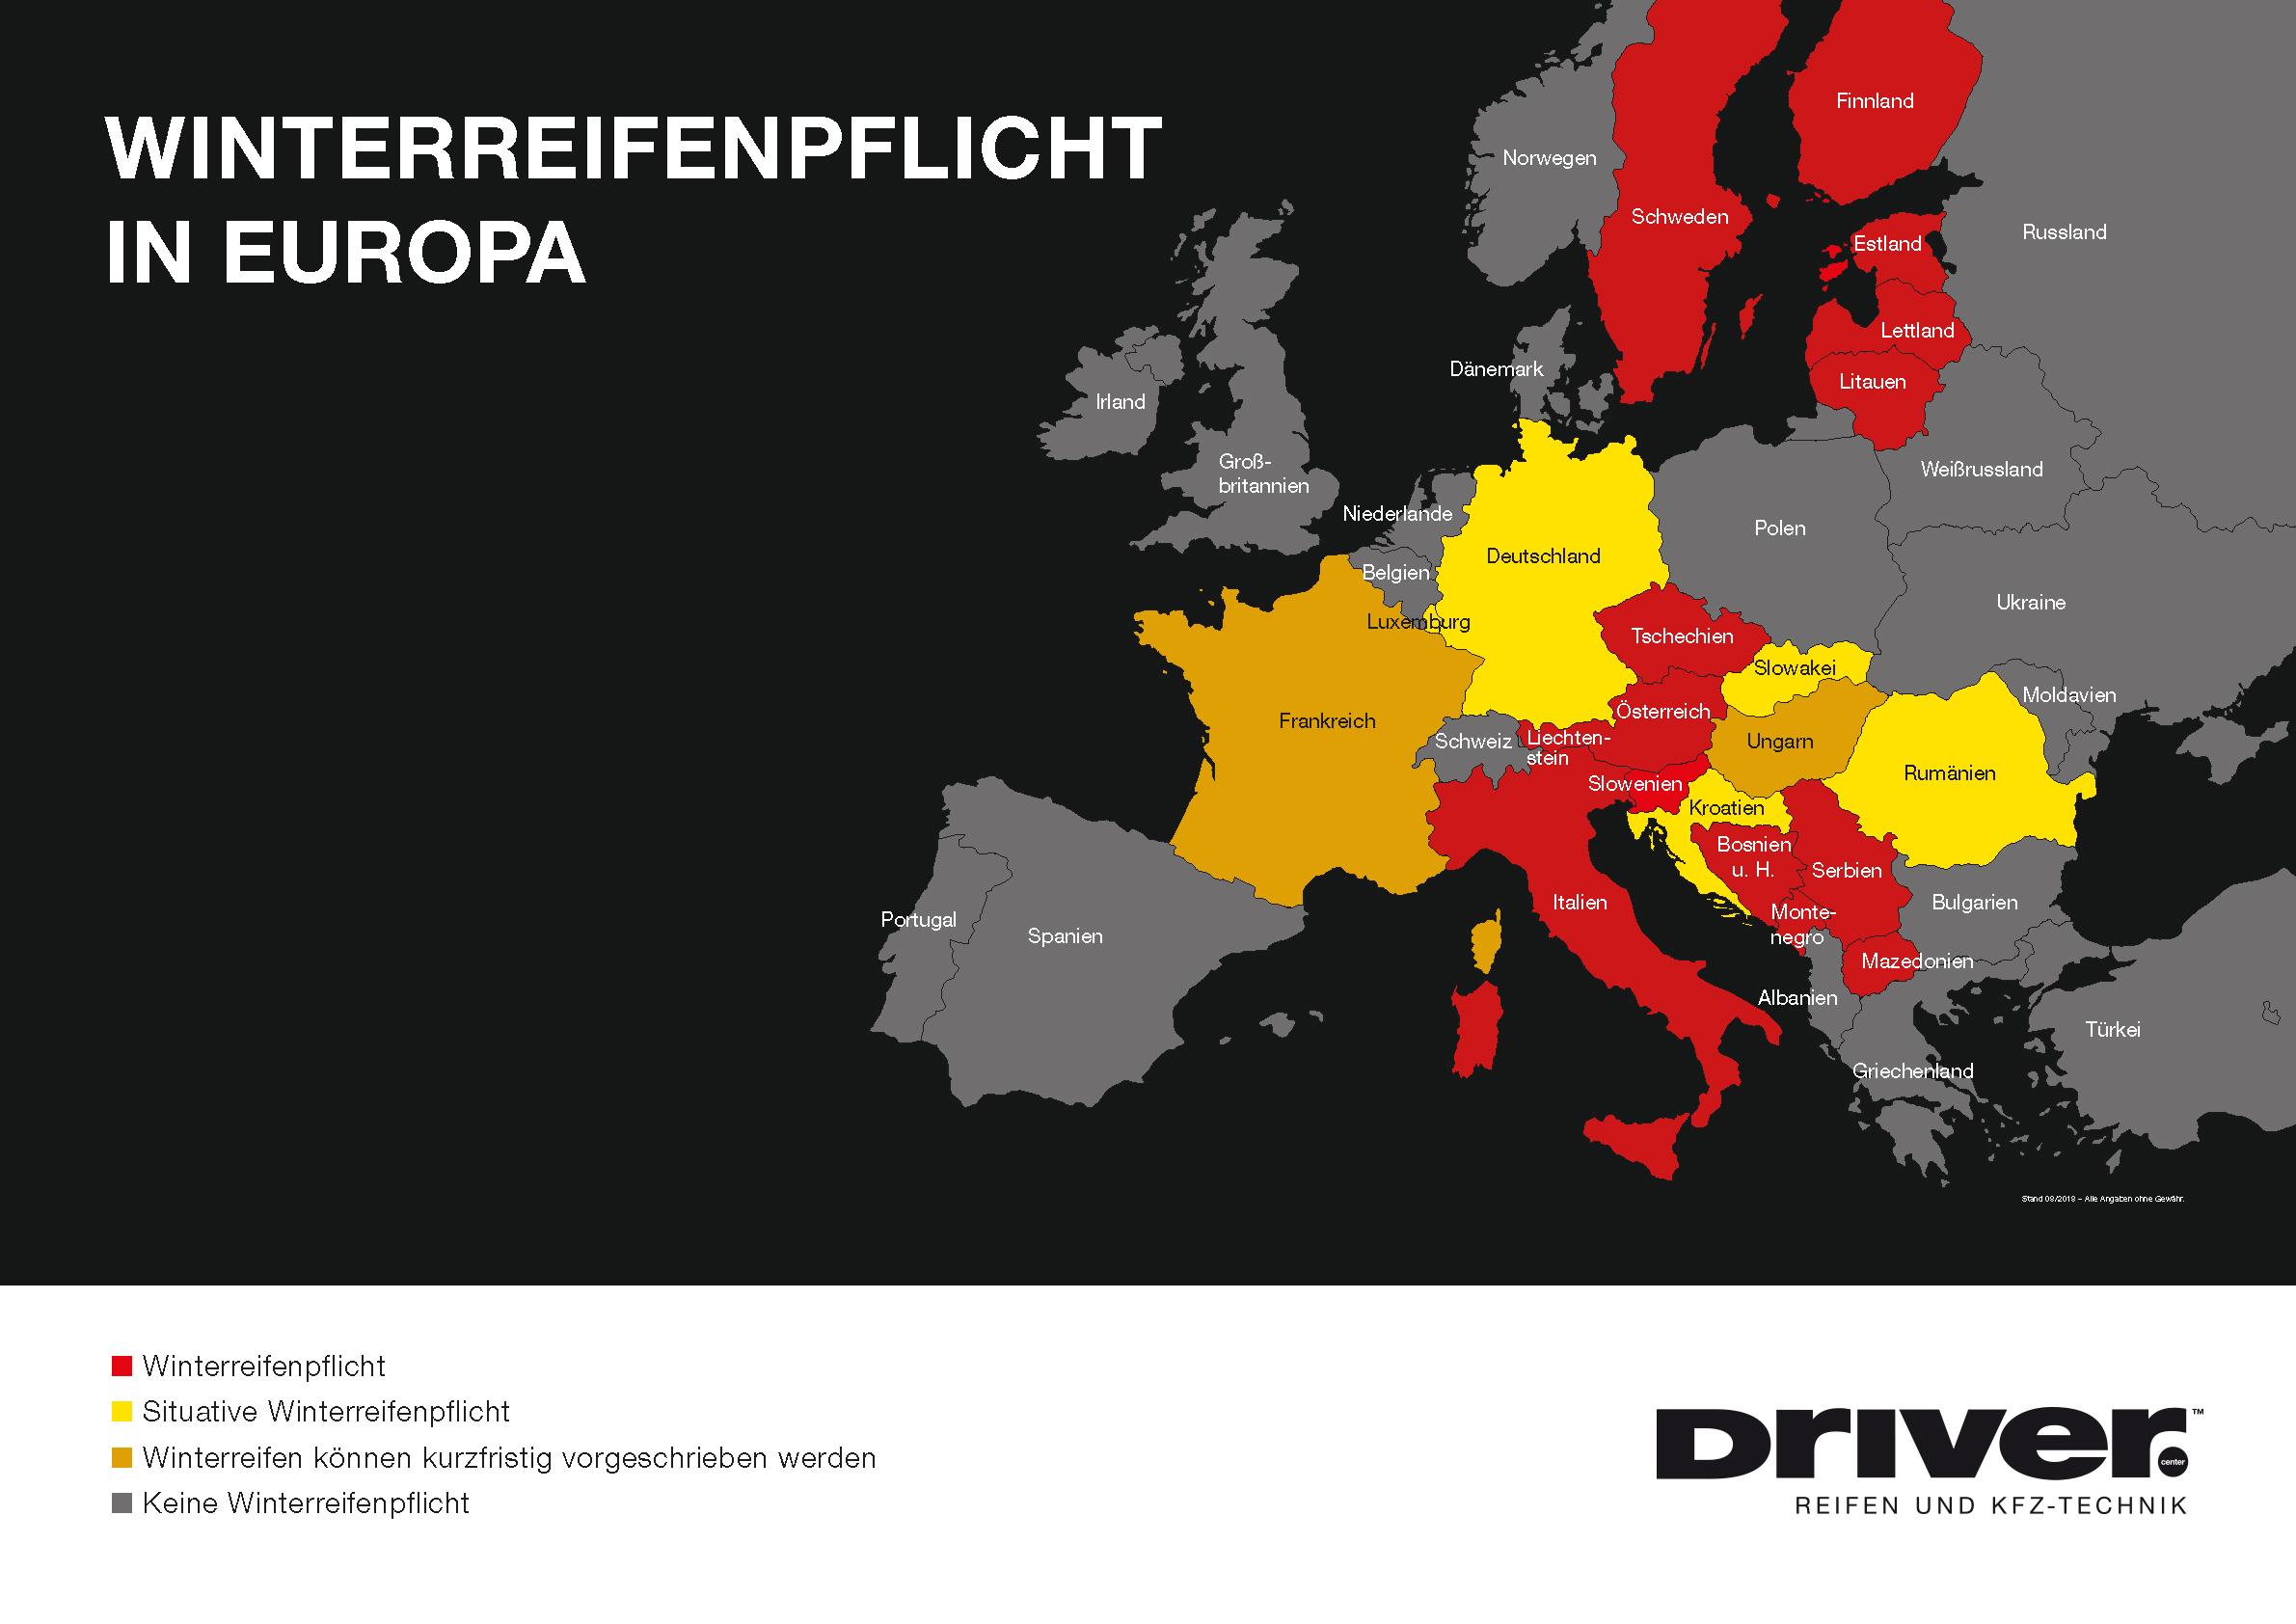 Winterreifenpflich in Europa